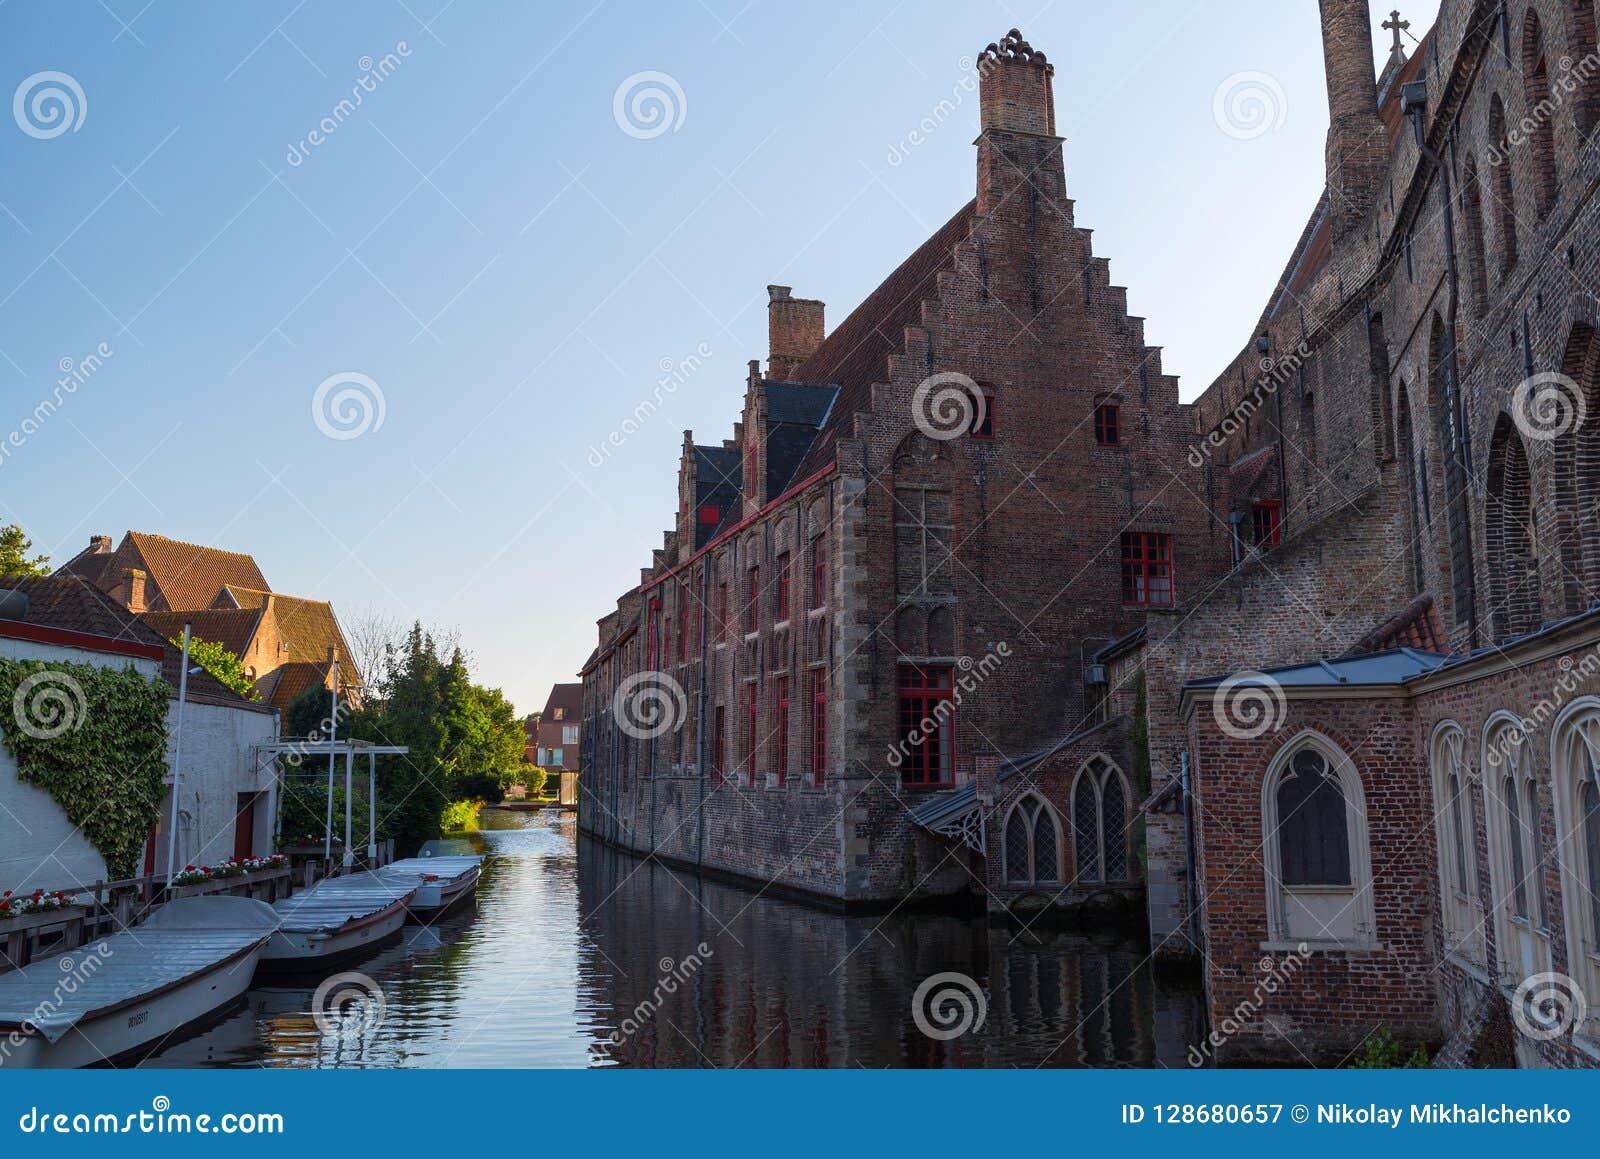 Historiska medeltida byggnader med den härliga kanalen i den gamla staden av Bruges Brugge